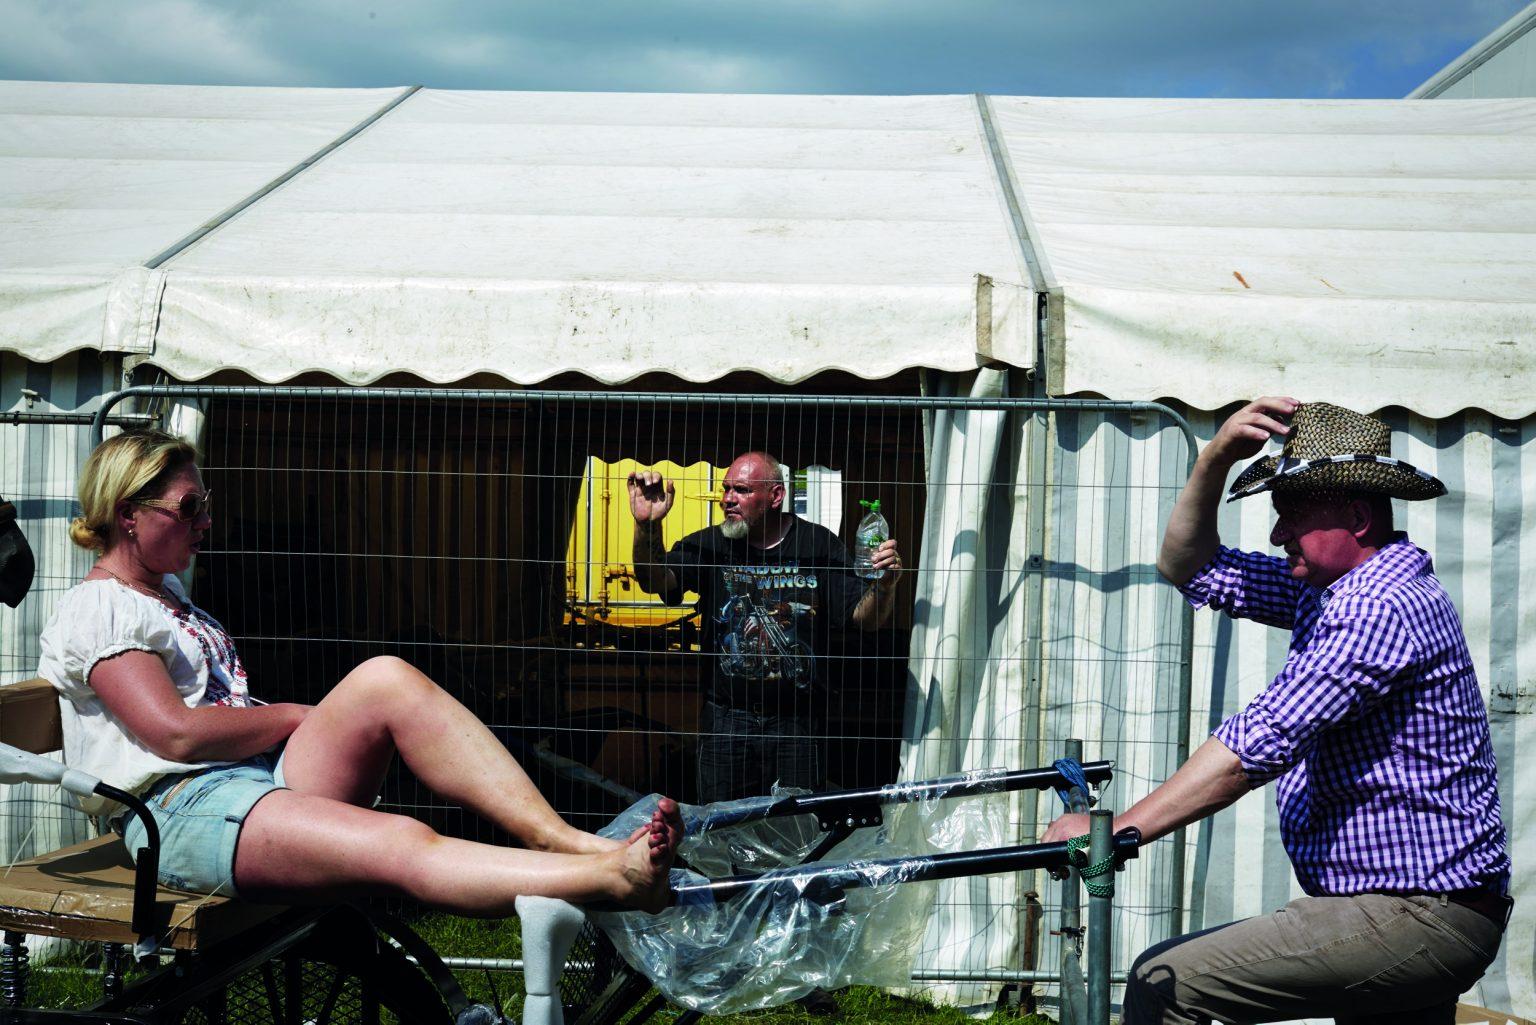 Appleby, United Kingdom, June 2016 - Appleby Horse Fair. Sunday afternoon at the Fair. ><  Appleby, Regno Unito, giugno 2016 - Appleby Horse Fair. La domenica pomeriggio alla fiera. *** Local Caption ***